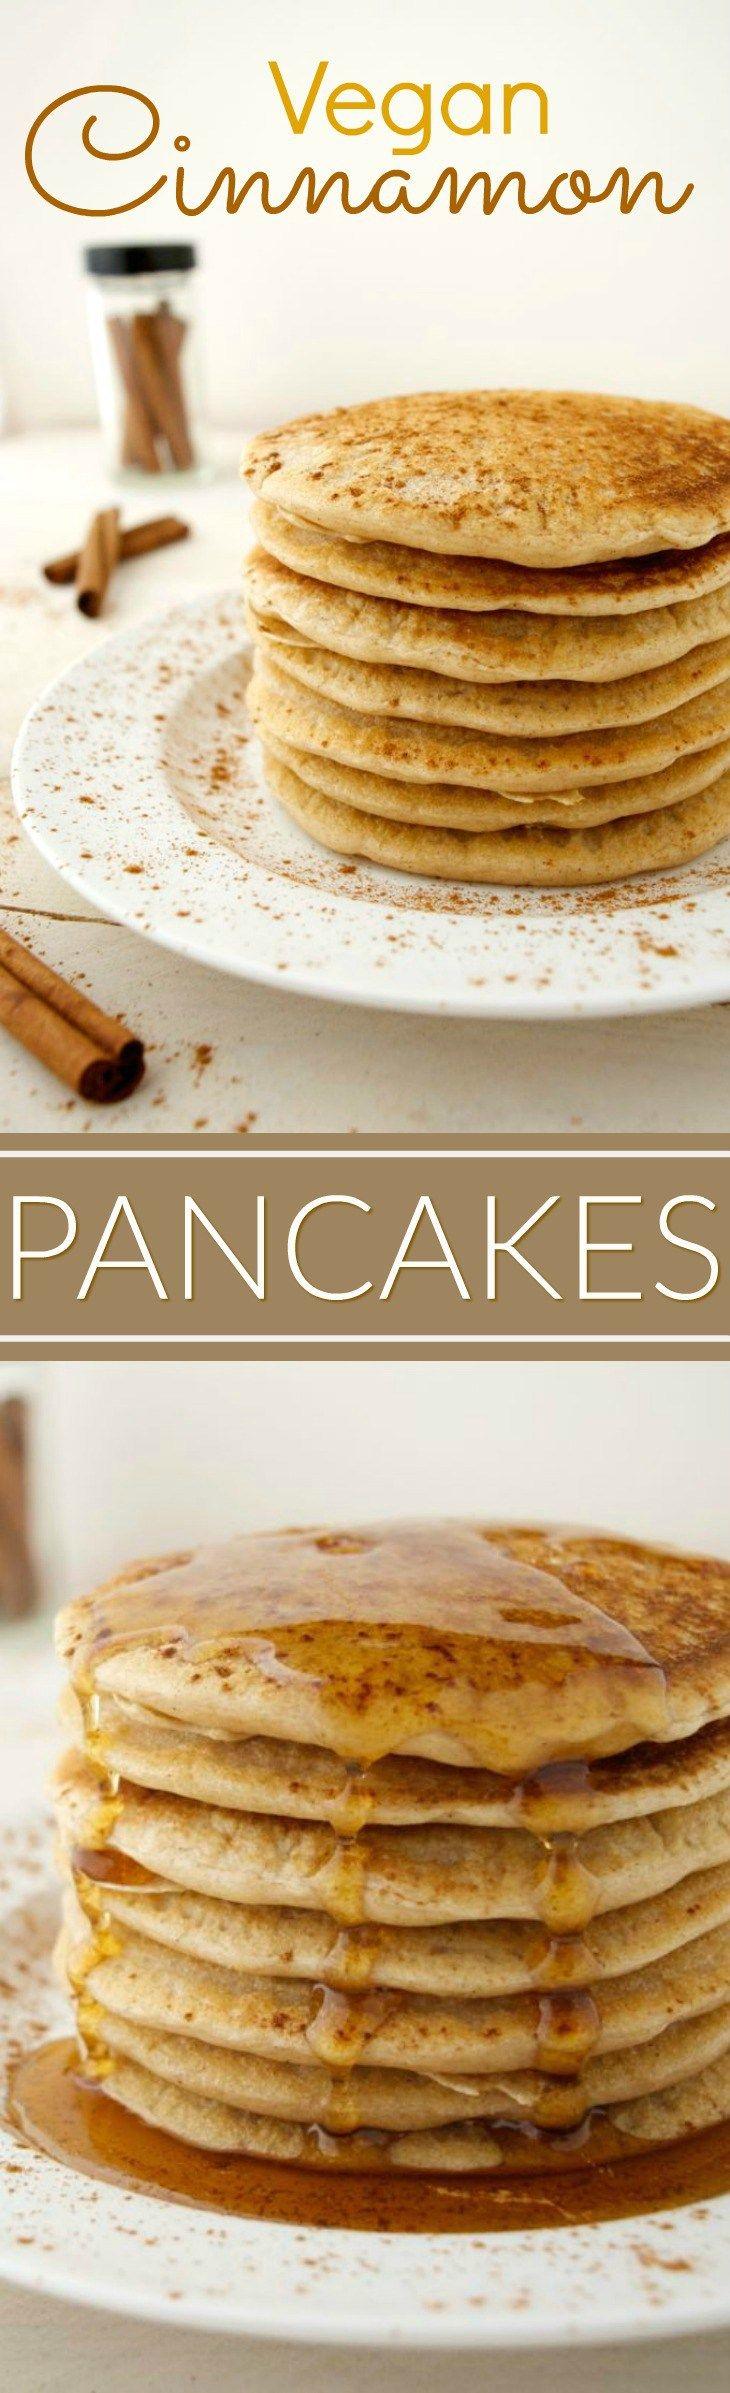 canela panquecas vegan são o pequeno-almoço de fim de semana perfeito! Eles são quentes, luz, macio e sabor semelhante a um rolo de canela. Adicione algumas gotas de chocolate à massa para uma torção achocolatada. Eles são fáceis de fazer e requer apenas 9 ingredientes simples!